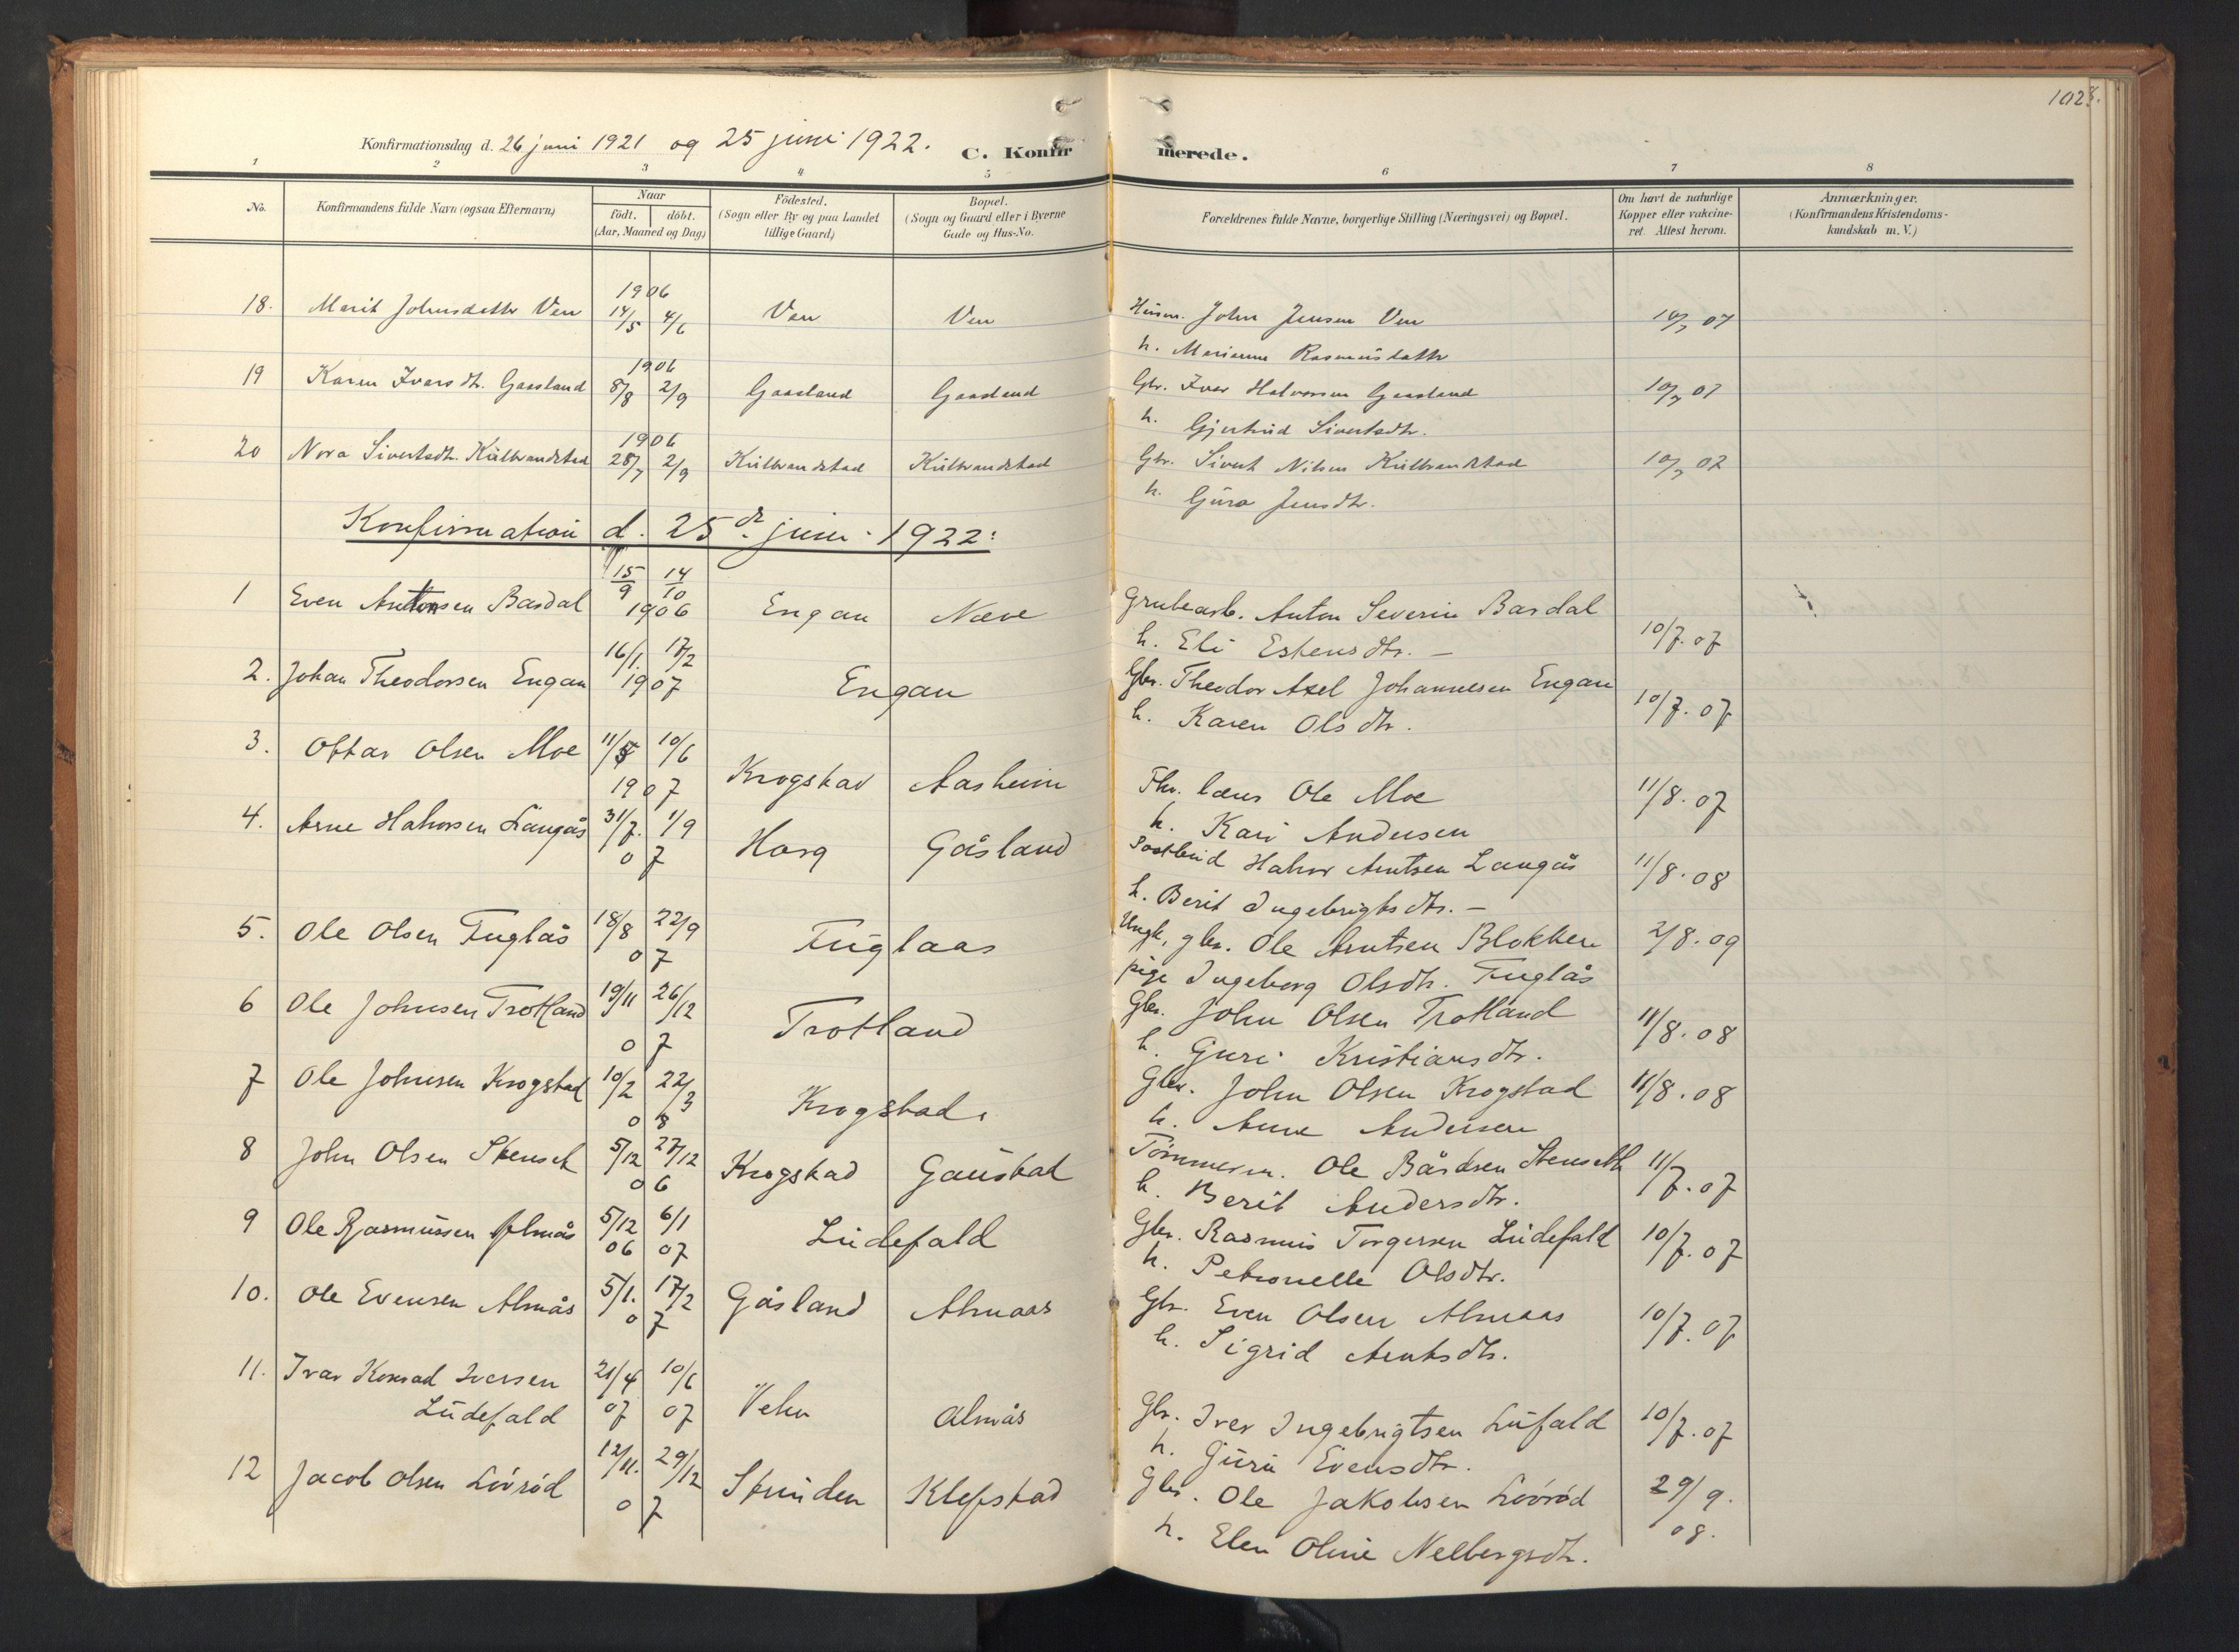 SAT, Ministerialprotokoller, klokkerbøker og fødselsregistre - Sør-Trøndelag, 694/L1128: Ministerialbok nr. 694A02, 1906-1931, s. 102